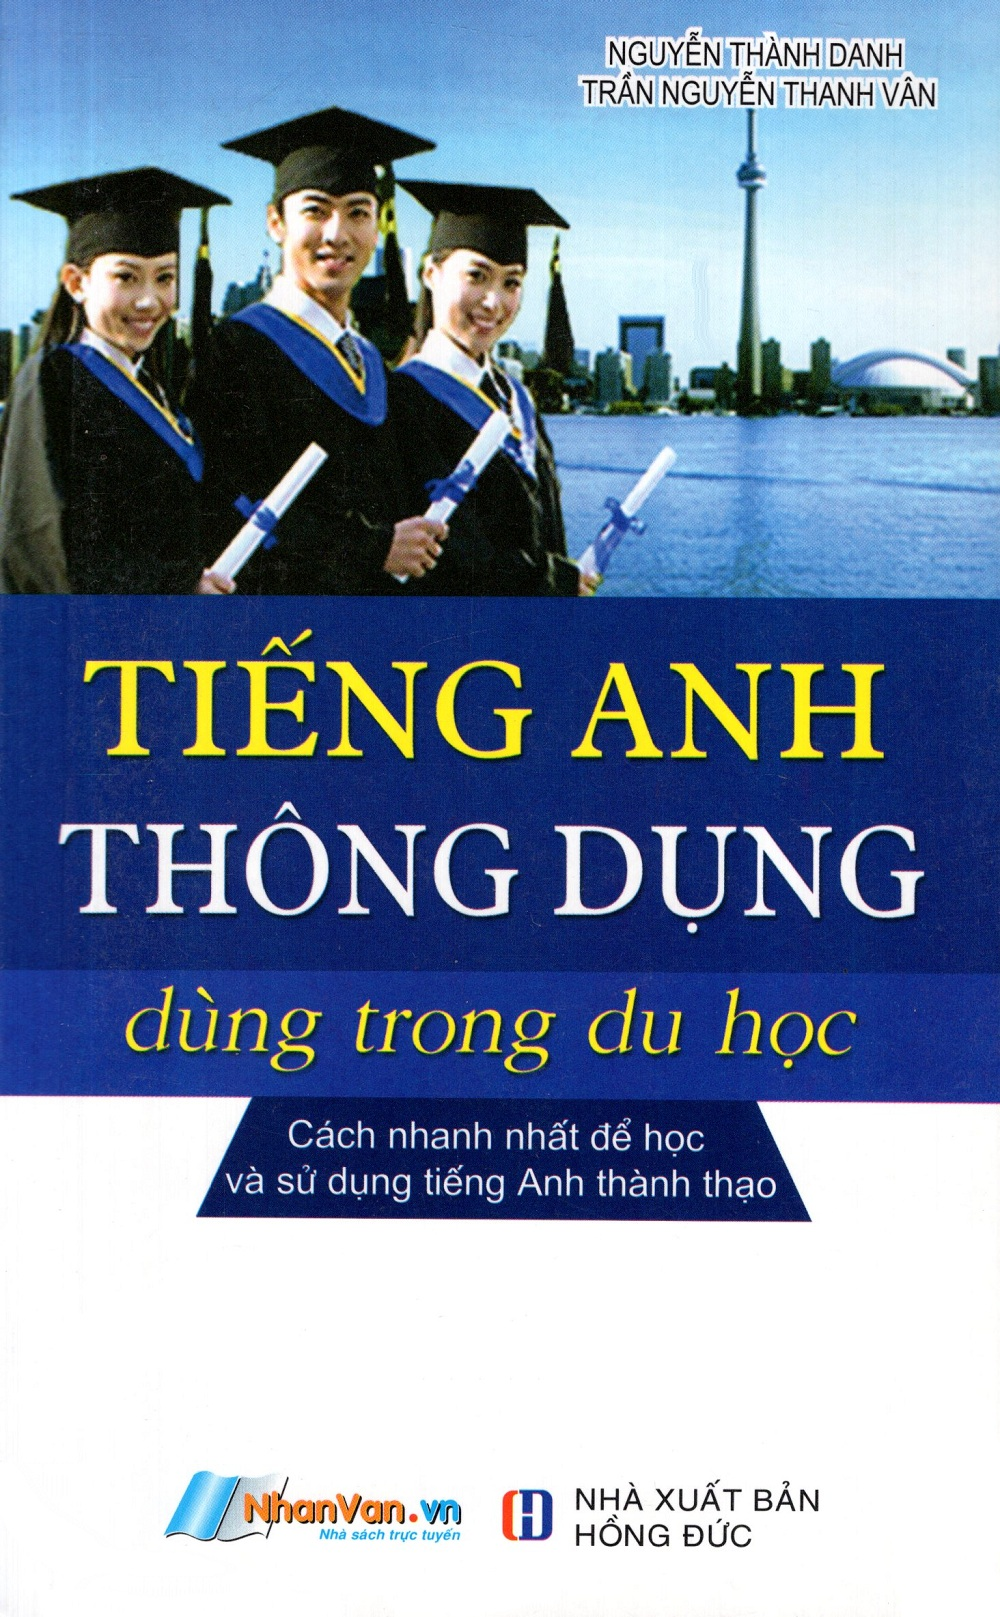 Tiếng Anh Thông Dụng Dùng Trong Du Học (Kèm CD) - 8935072875824,62_224443,40000,tiki.vn,Tieng-Anh-Thong-Dung-Dung-Trong-Du-Hoc-Kem-CD-62_224443,Tiếng Anh Thông Dụng Dùng Trong Du Học (Kèm CD)